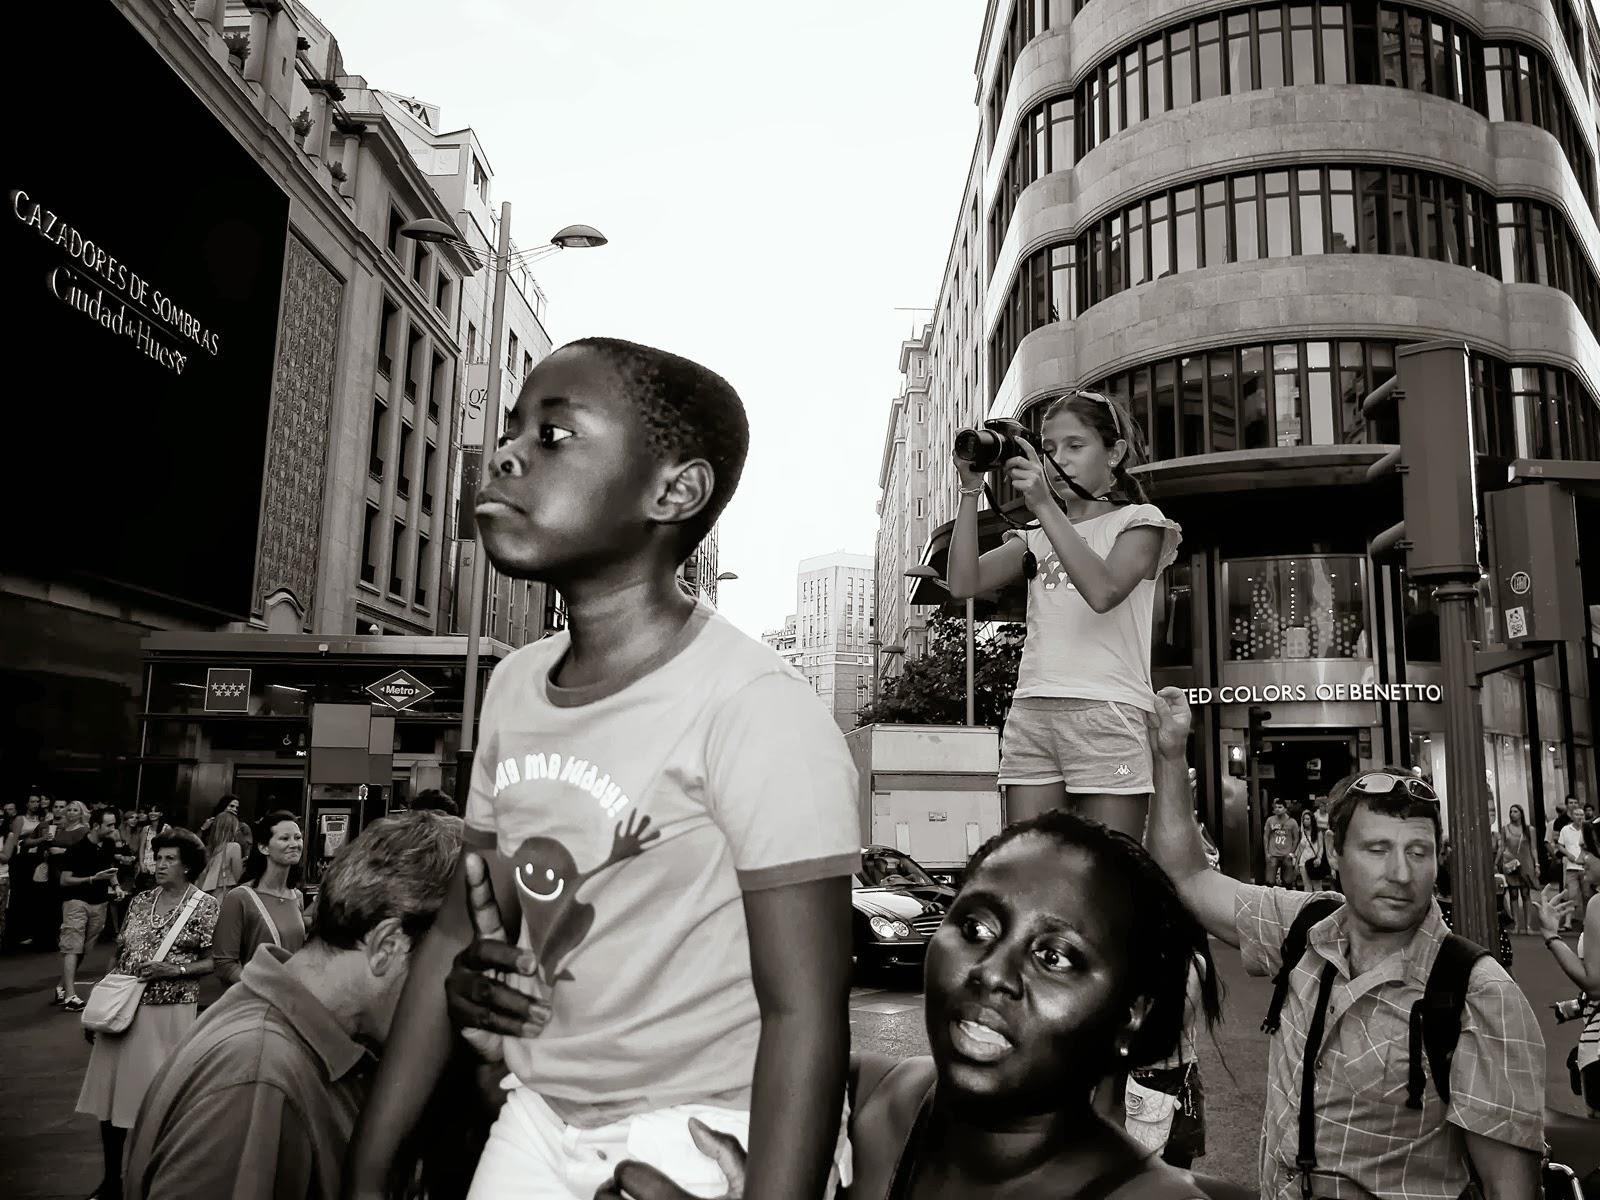 Cronica De Un Fotografo Como Perder El Miedo En Street